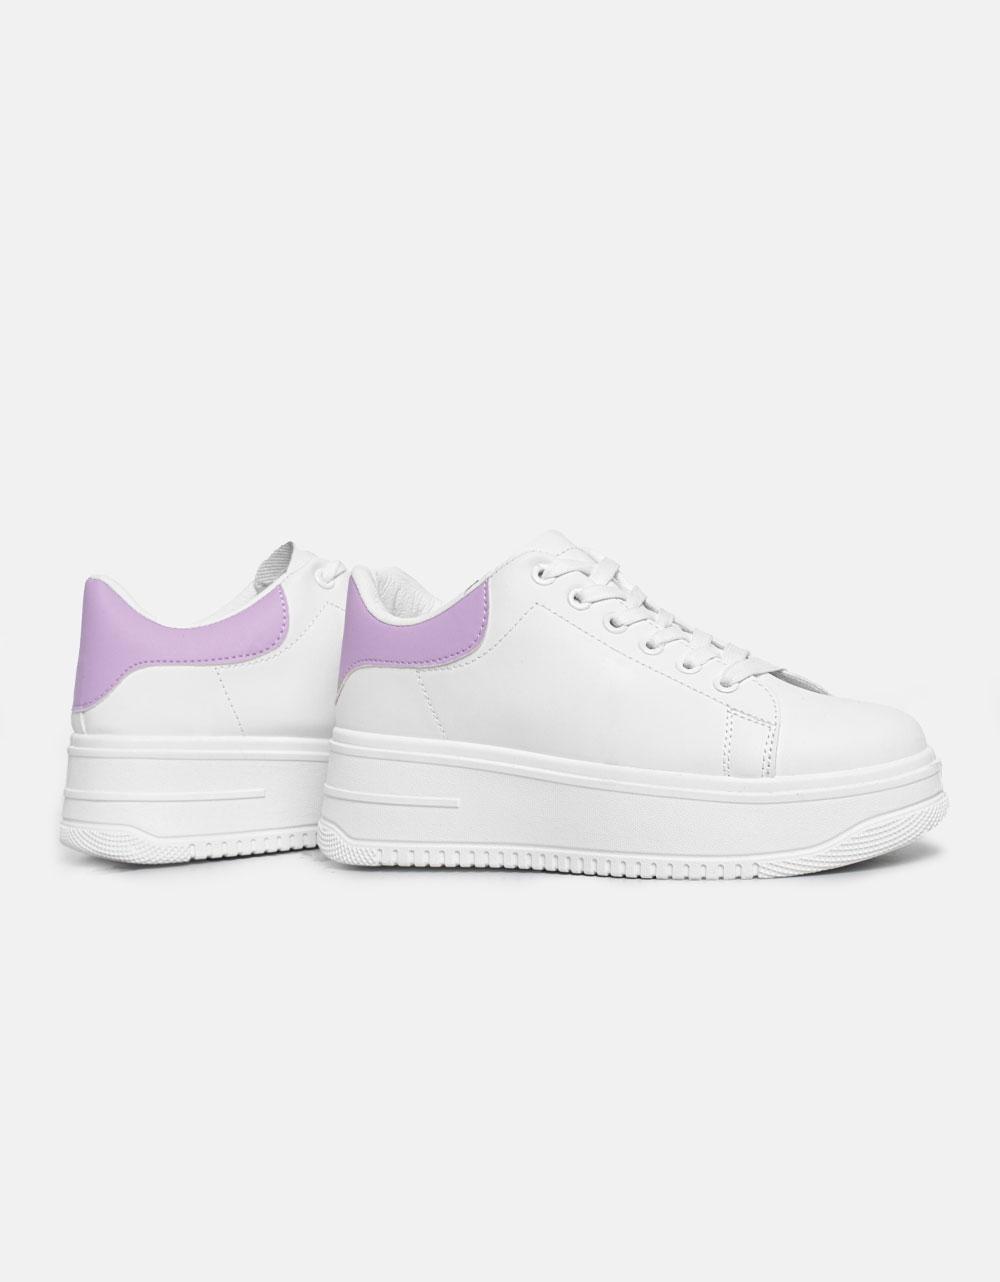 Εικόνα από Γυναικεία sneakers με διπλή σόλα και διχρωμία Μωβ